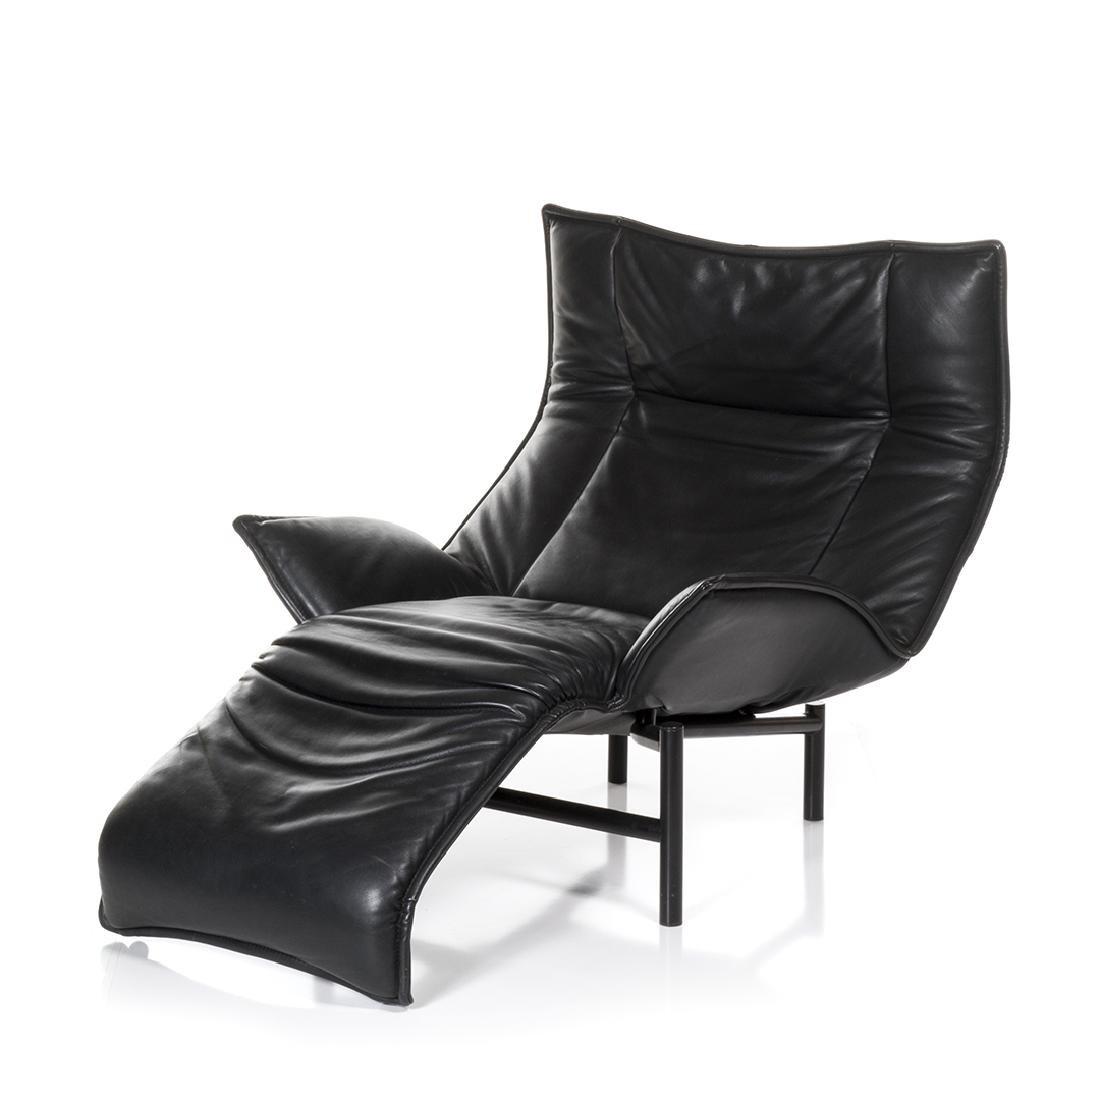 Vico Magistretti Veranda Lounge Chair - 6